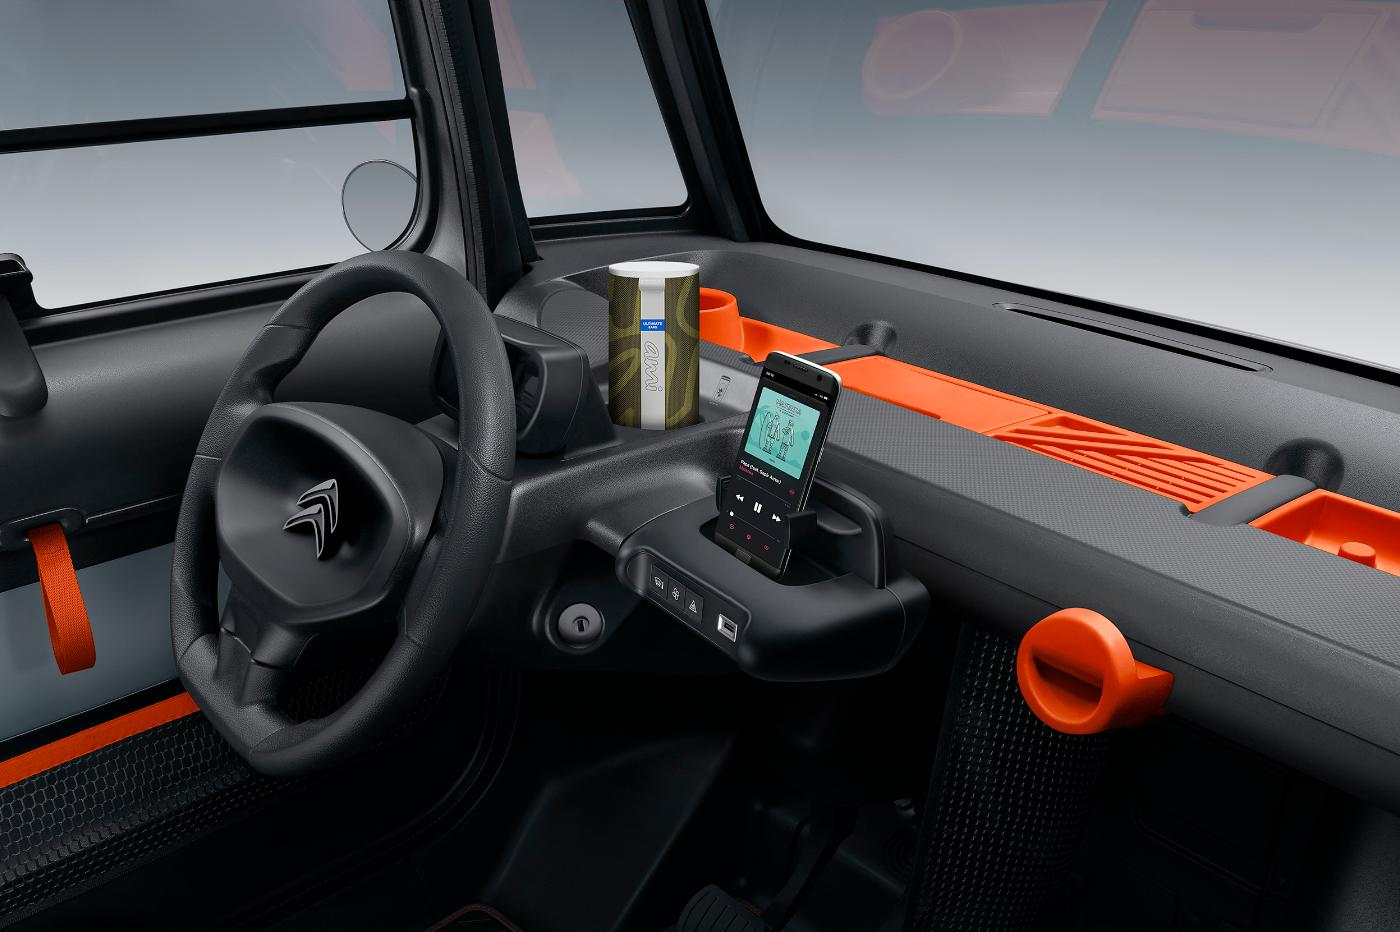 Tableau de bord de la Citroën Ami